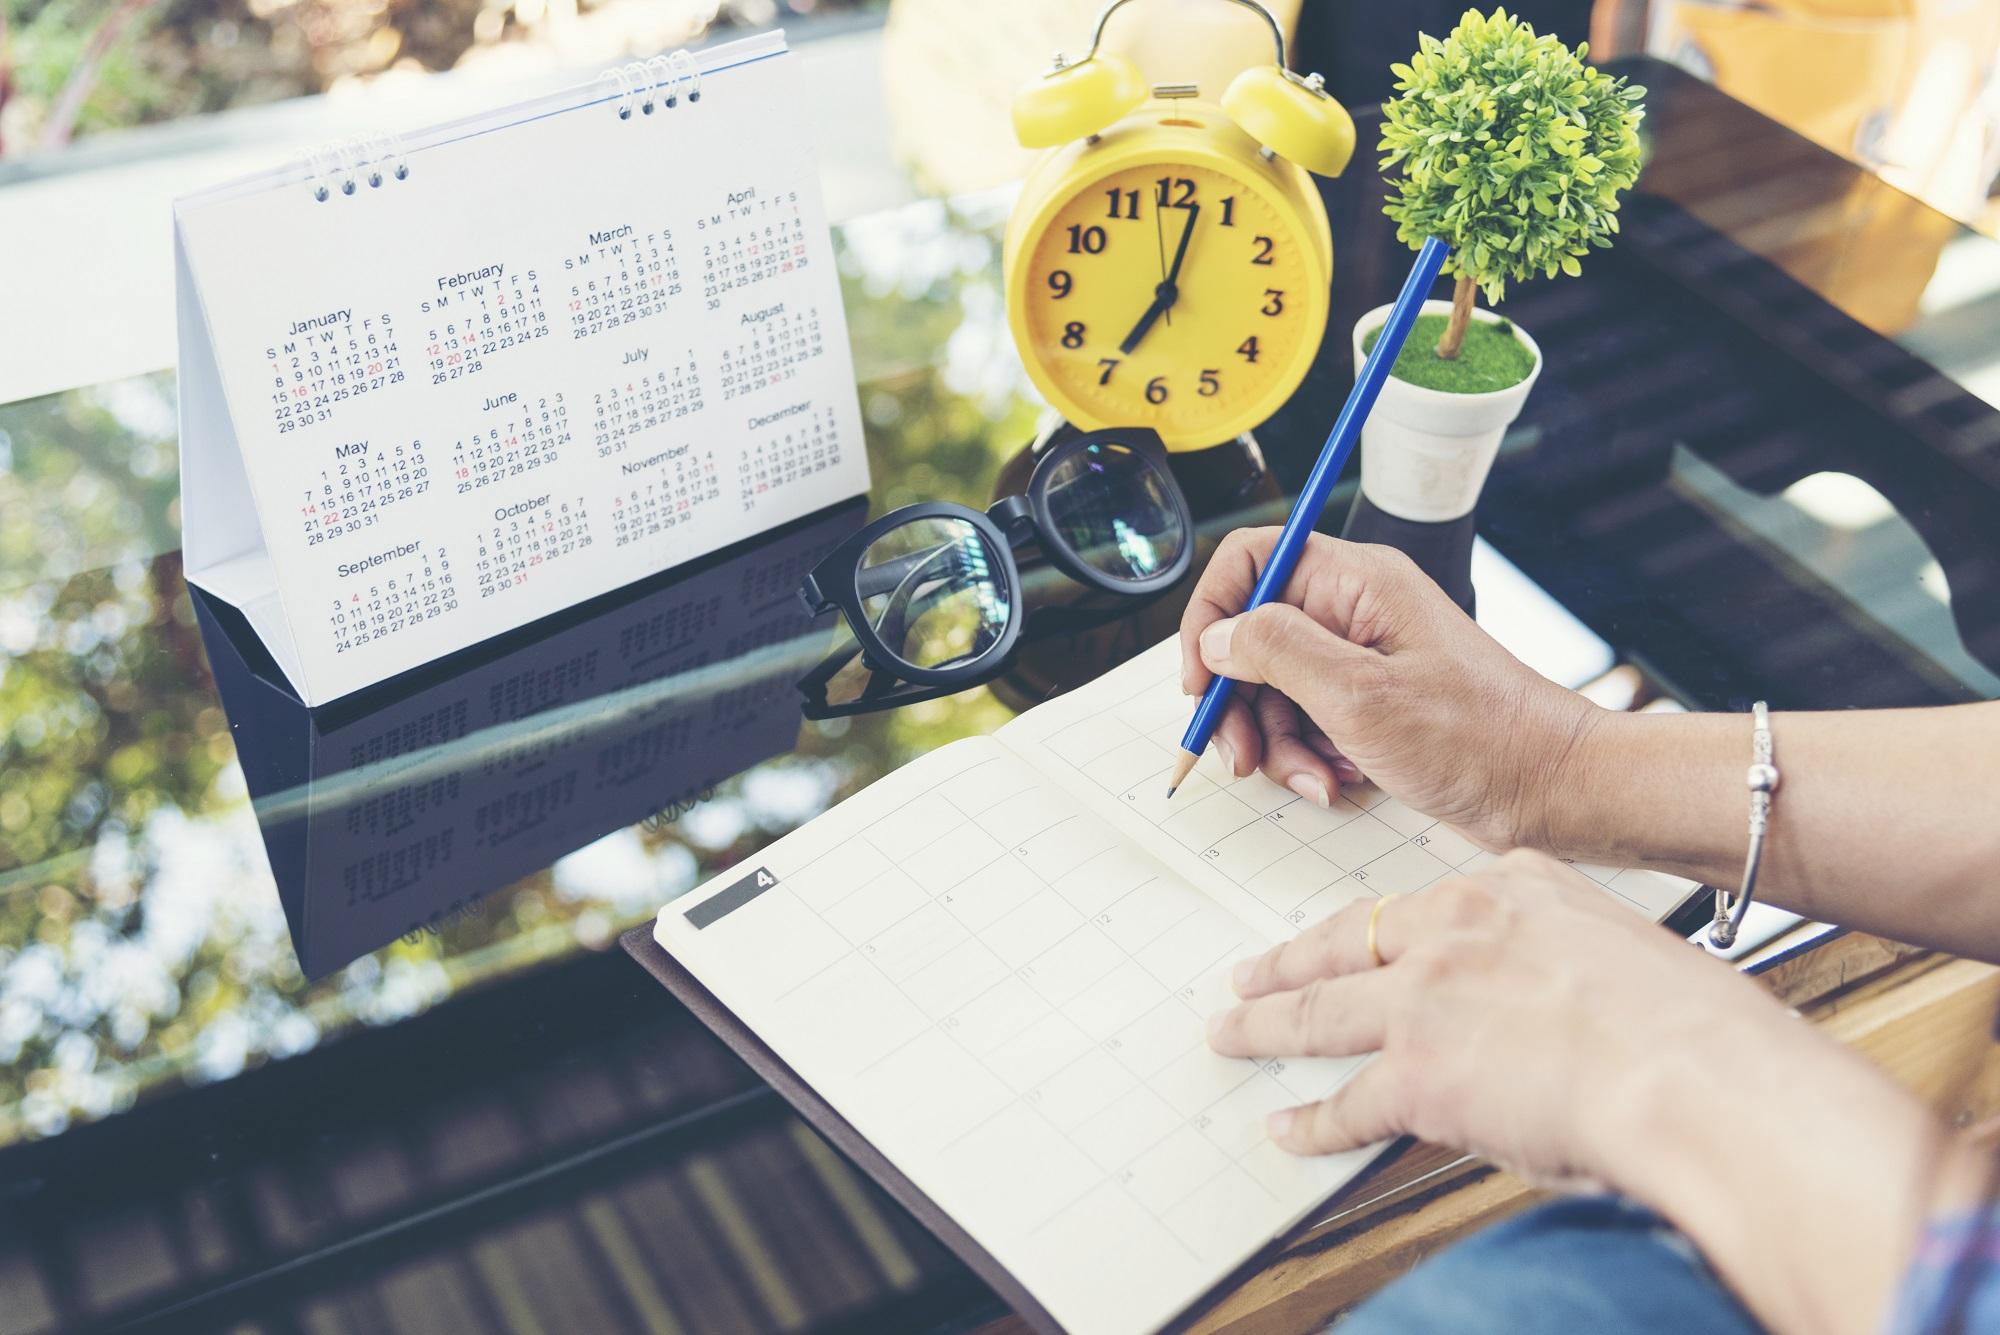 Праздники в календаре 2018 года. Источник фото: Shutterstock